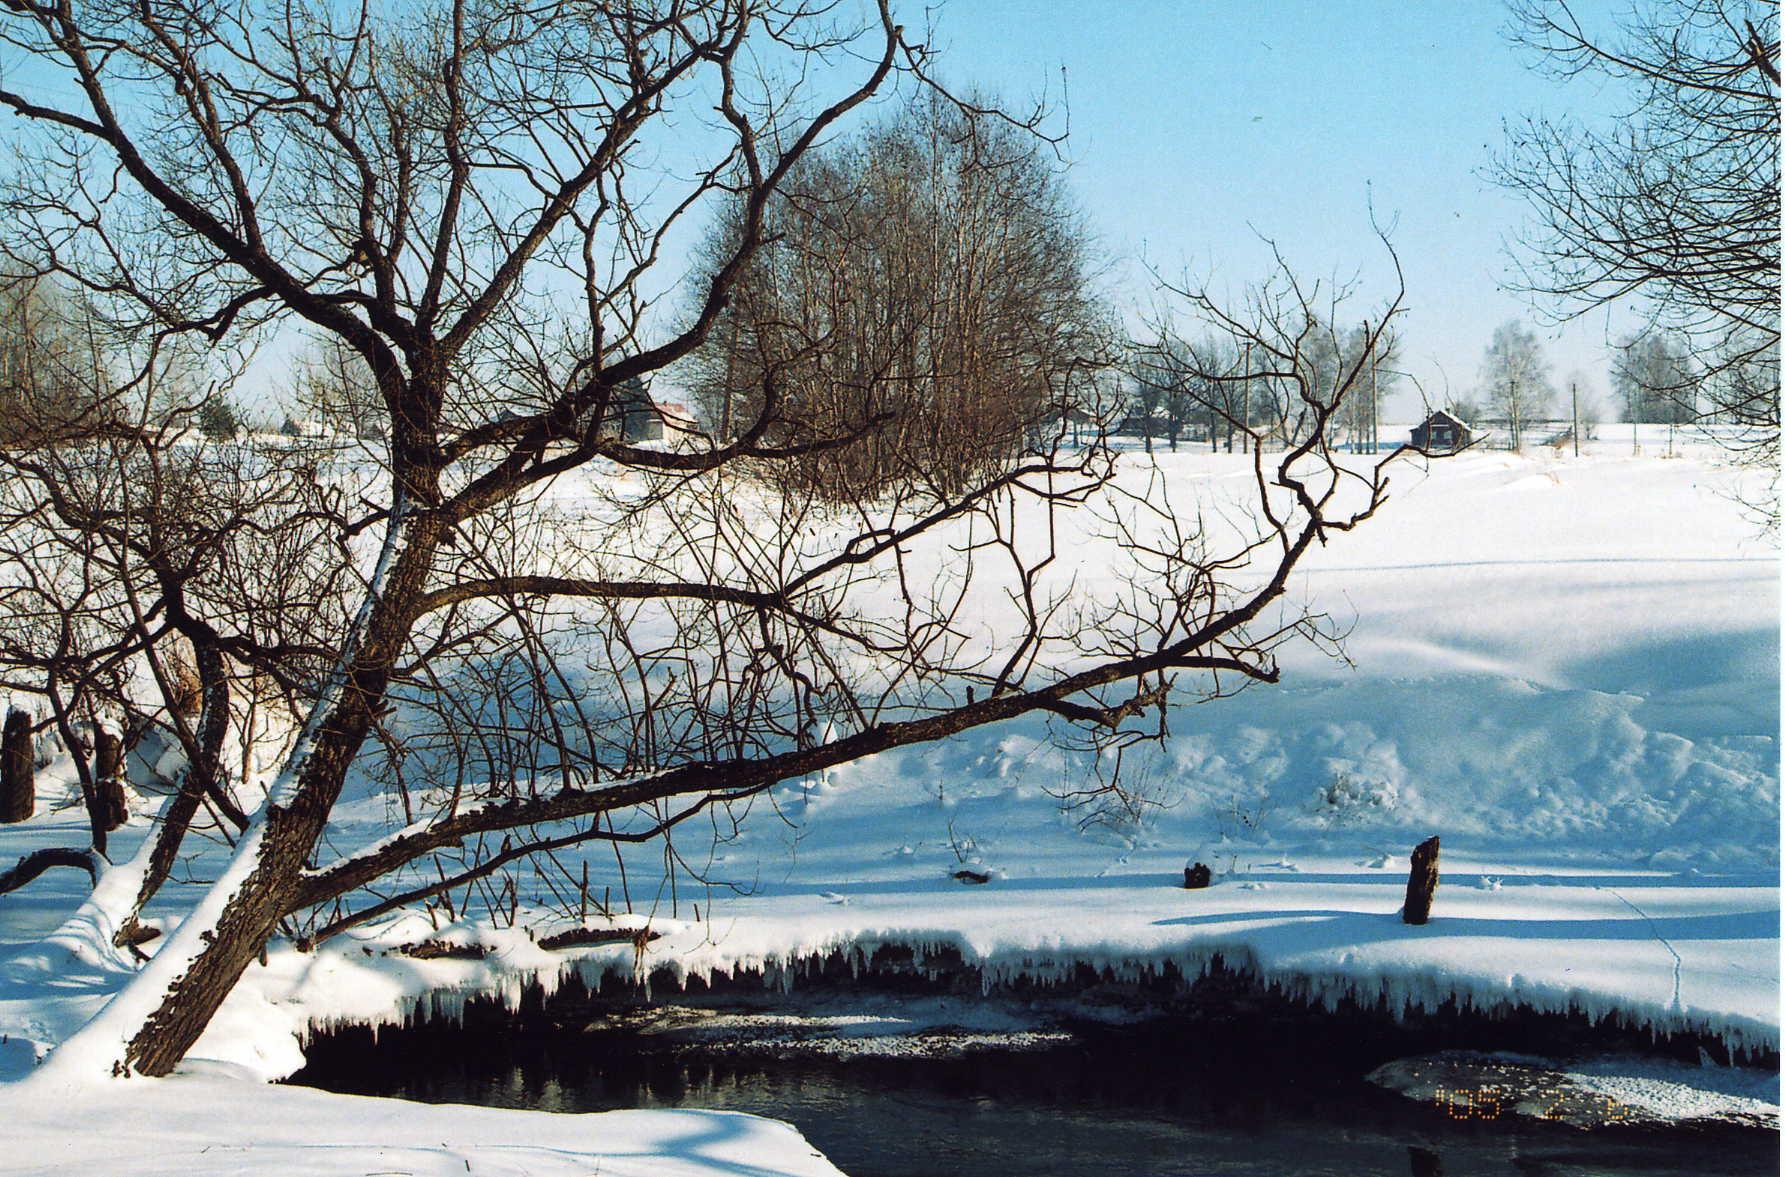 Зимний день. Зима за окном